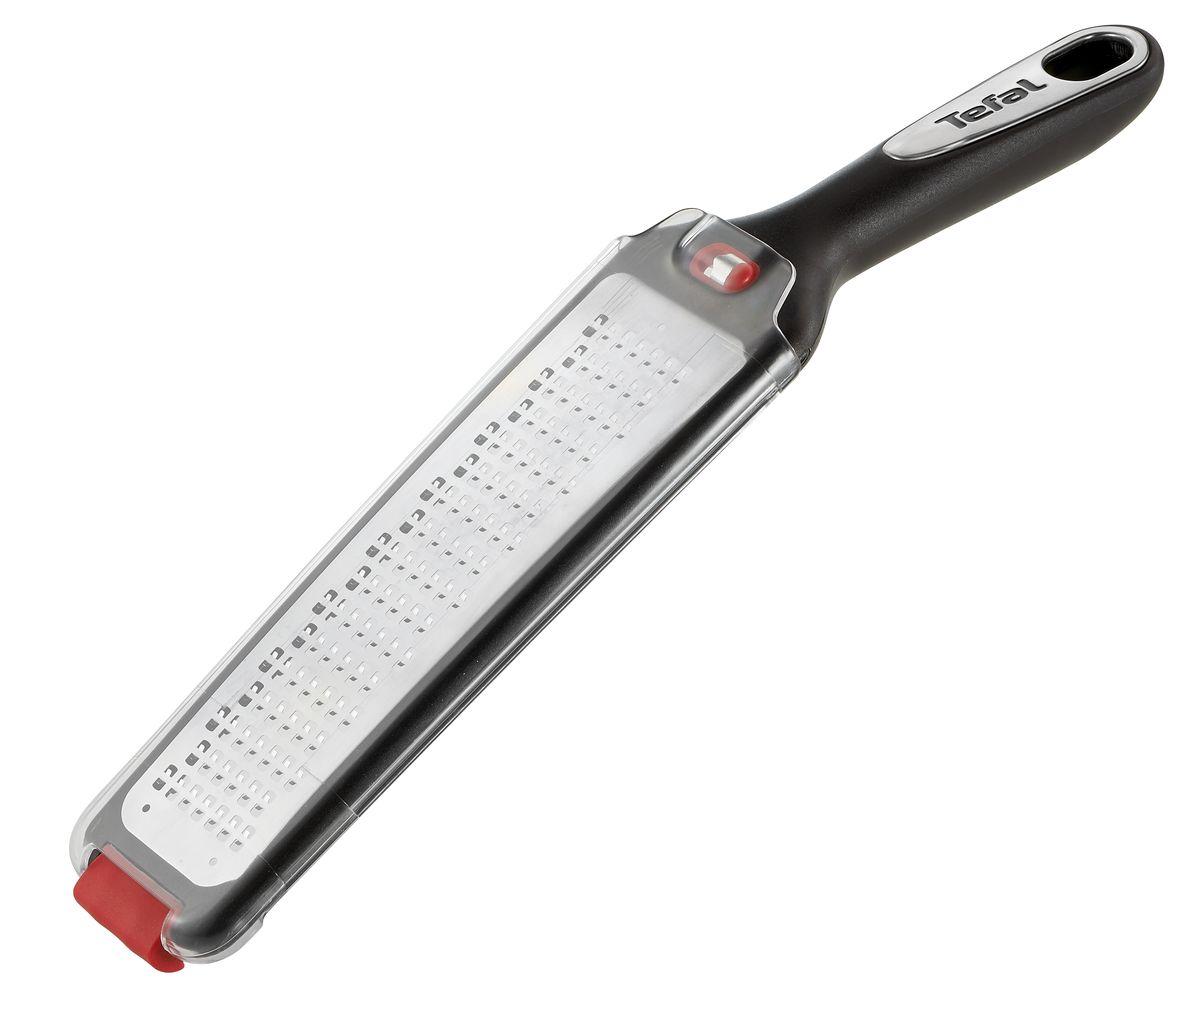 Терка Tefal Ingenio, плоская, с ручкой391602Терка Tefal Ingenio изготовлена из высококачественной нержавеющей стали. Изделие снабжено лезвиями для крупной терки. Благодаря удобной пластиковой ручке терку удобно использовать и приятно держать в руках. На ручке имеется отверстие для подвешивания. В комплект входит держатель для овощей и фруктов.